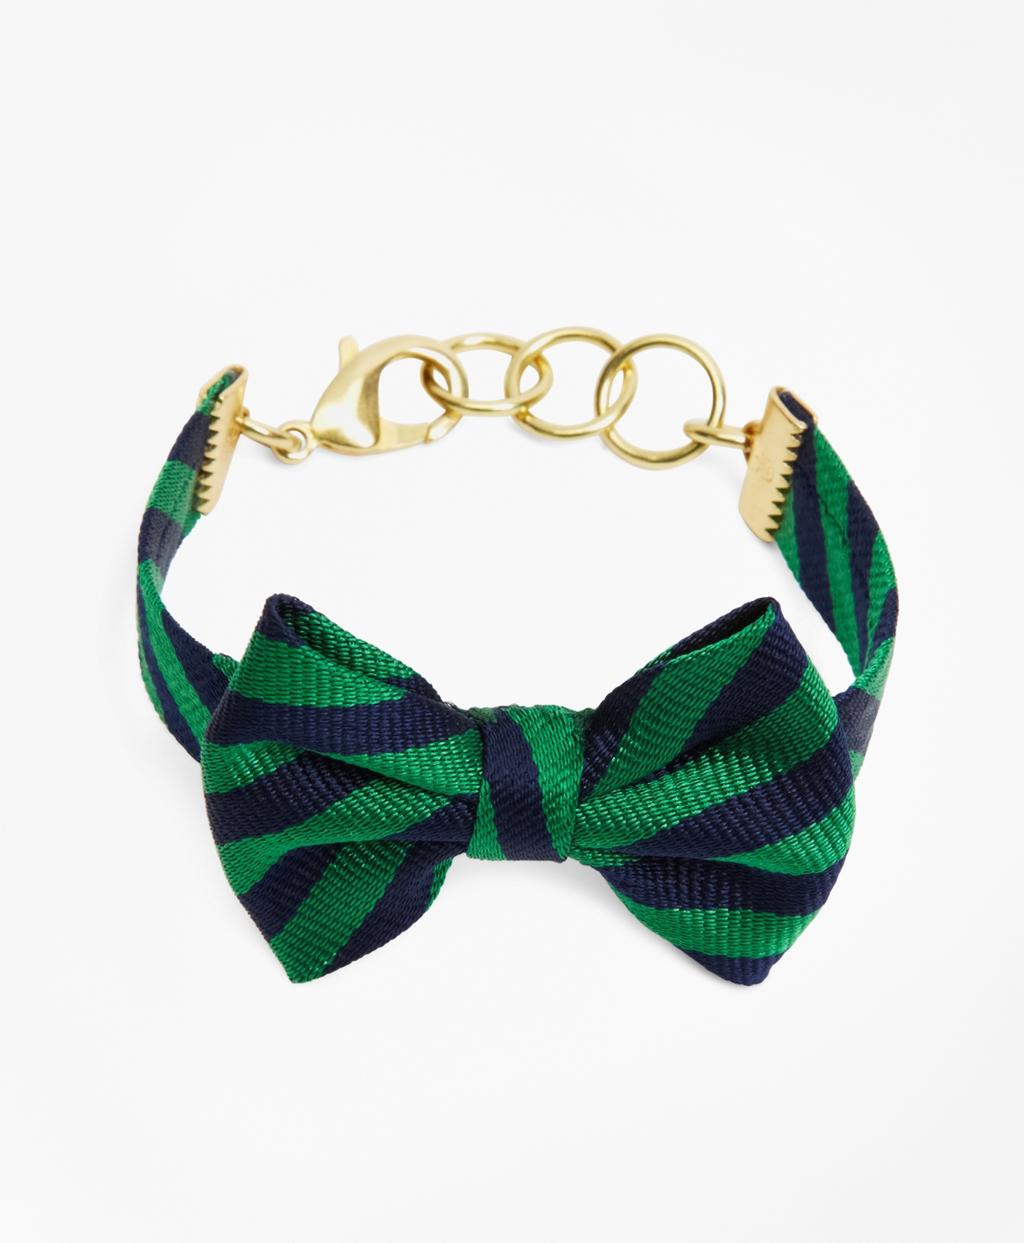 Bow Tie Bracelet Bow Tie Bracelet Navy